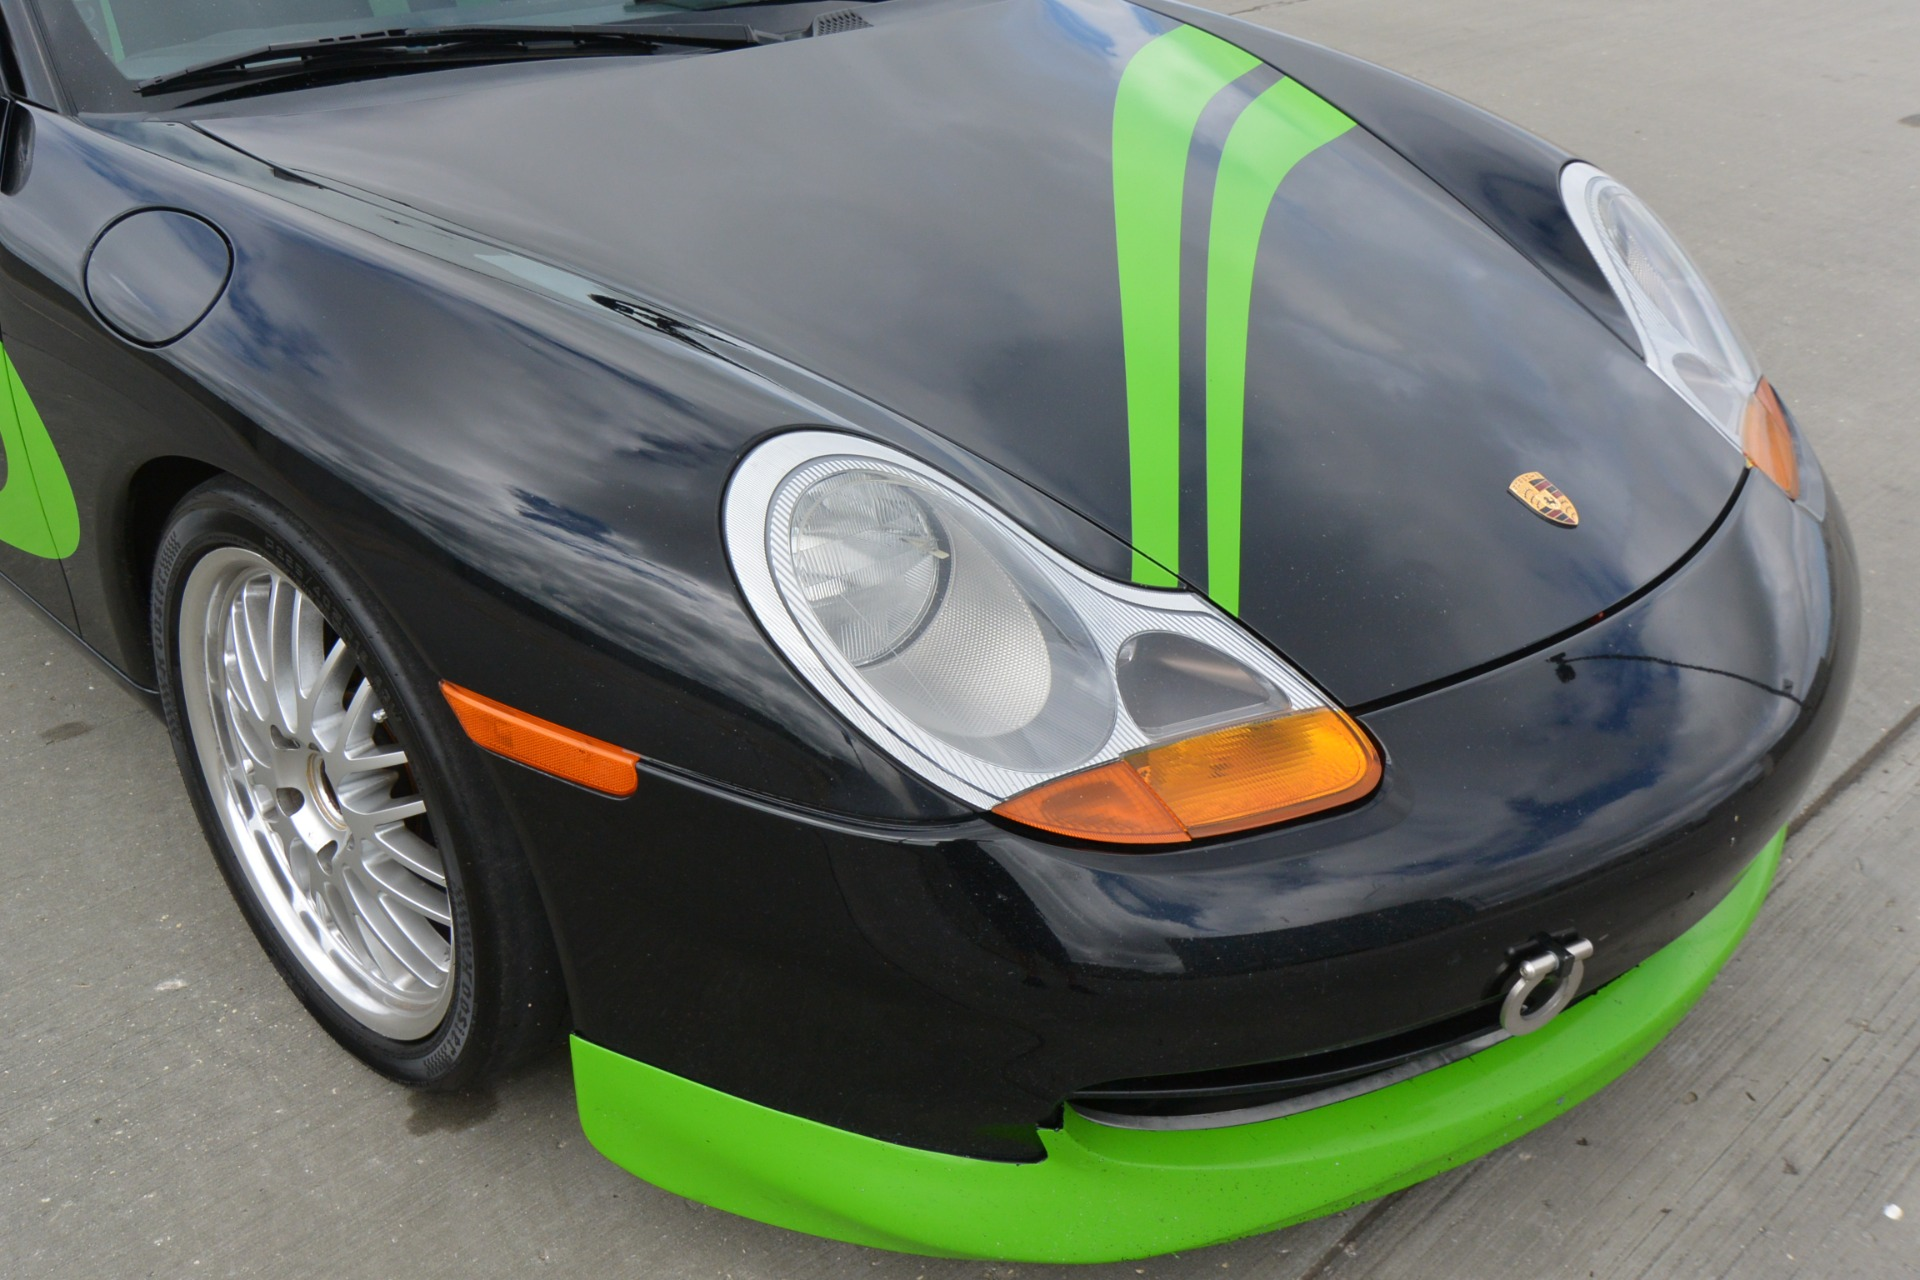 1999 Porsche 911 Carrera Race Car (Street Legal) Stock ...